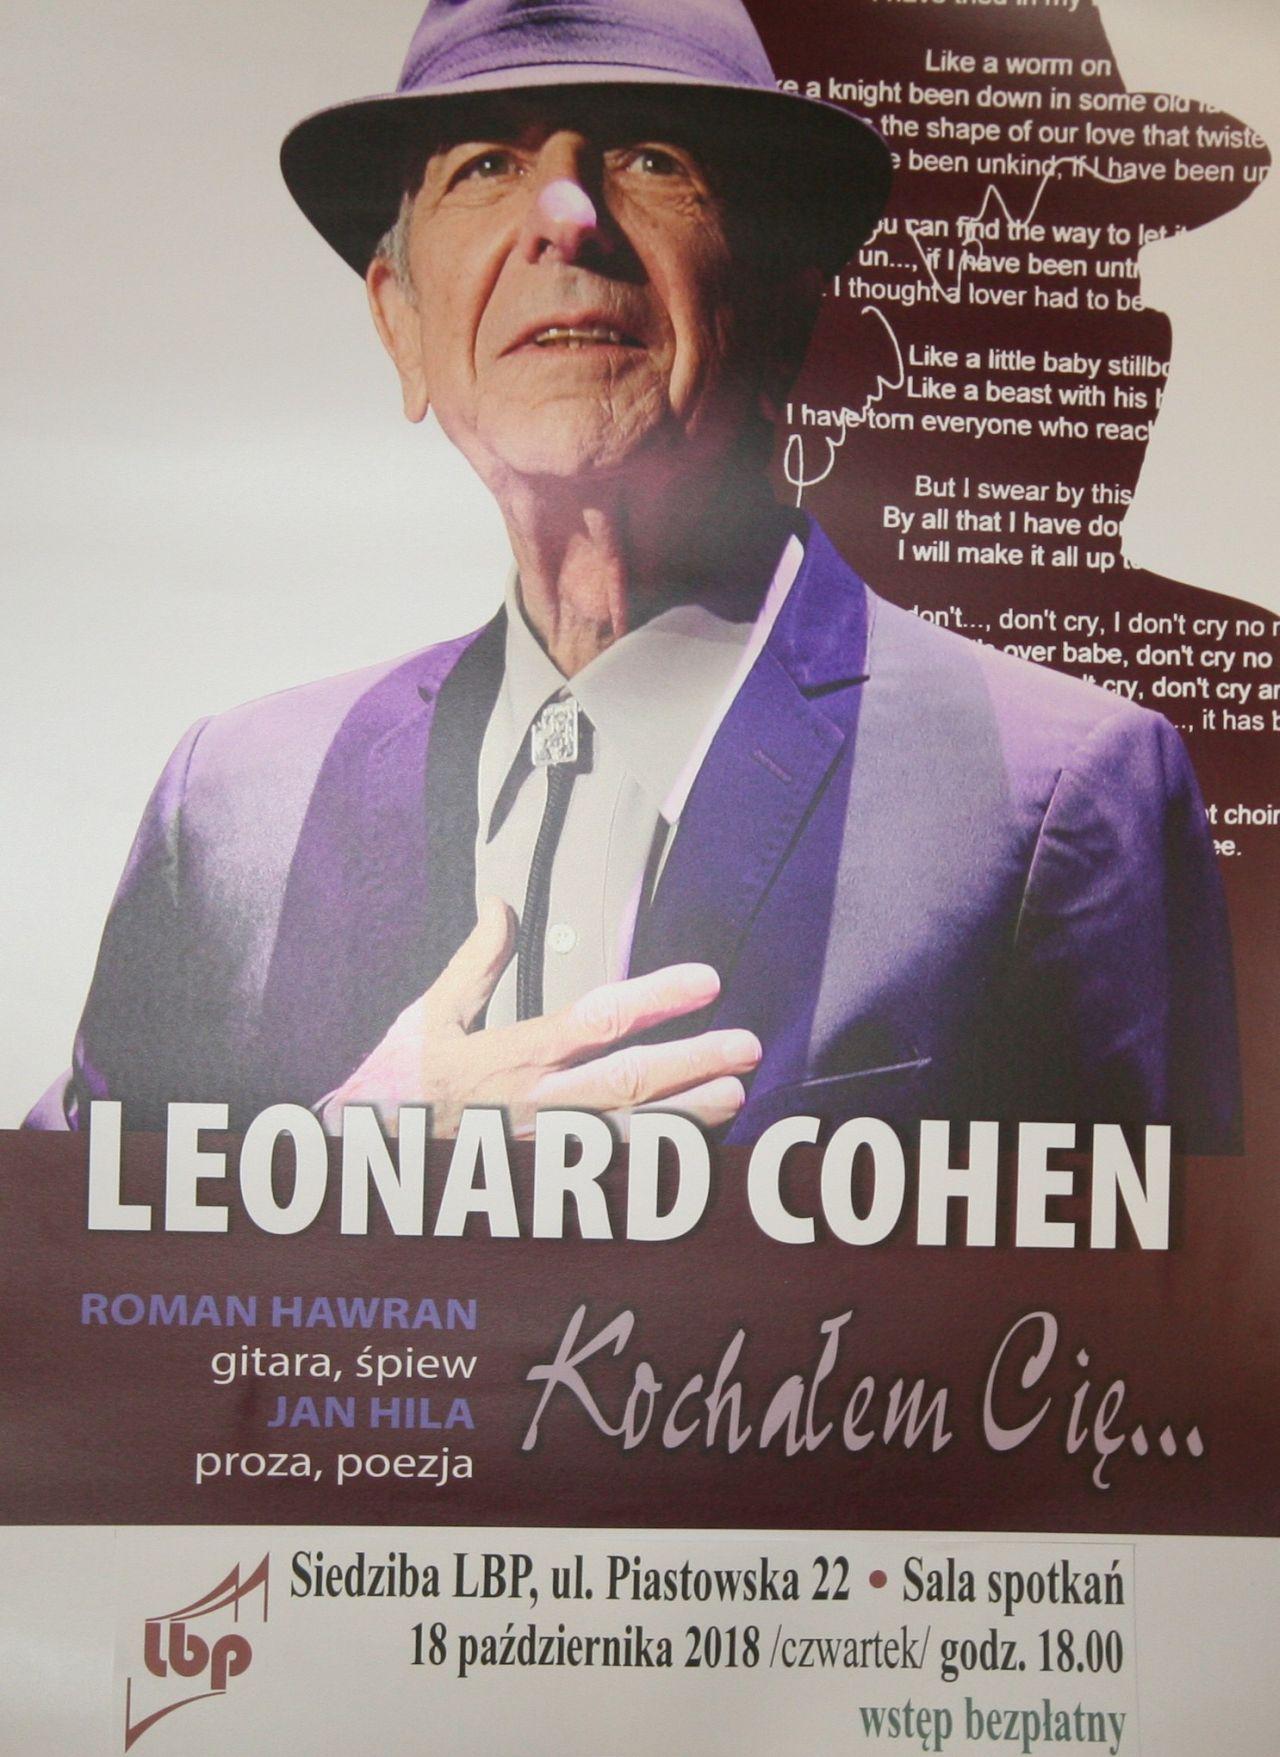 Wybierz się na wieczór z Cohenem i tajemnicami masonów